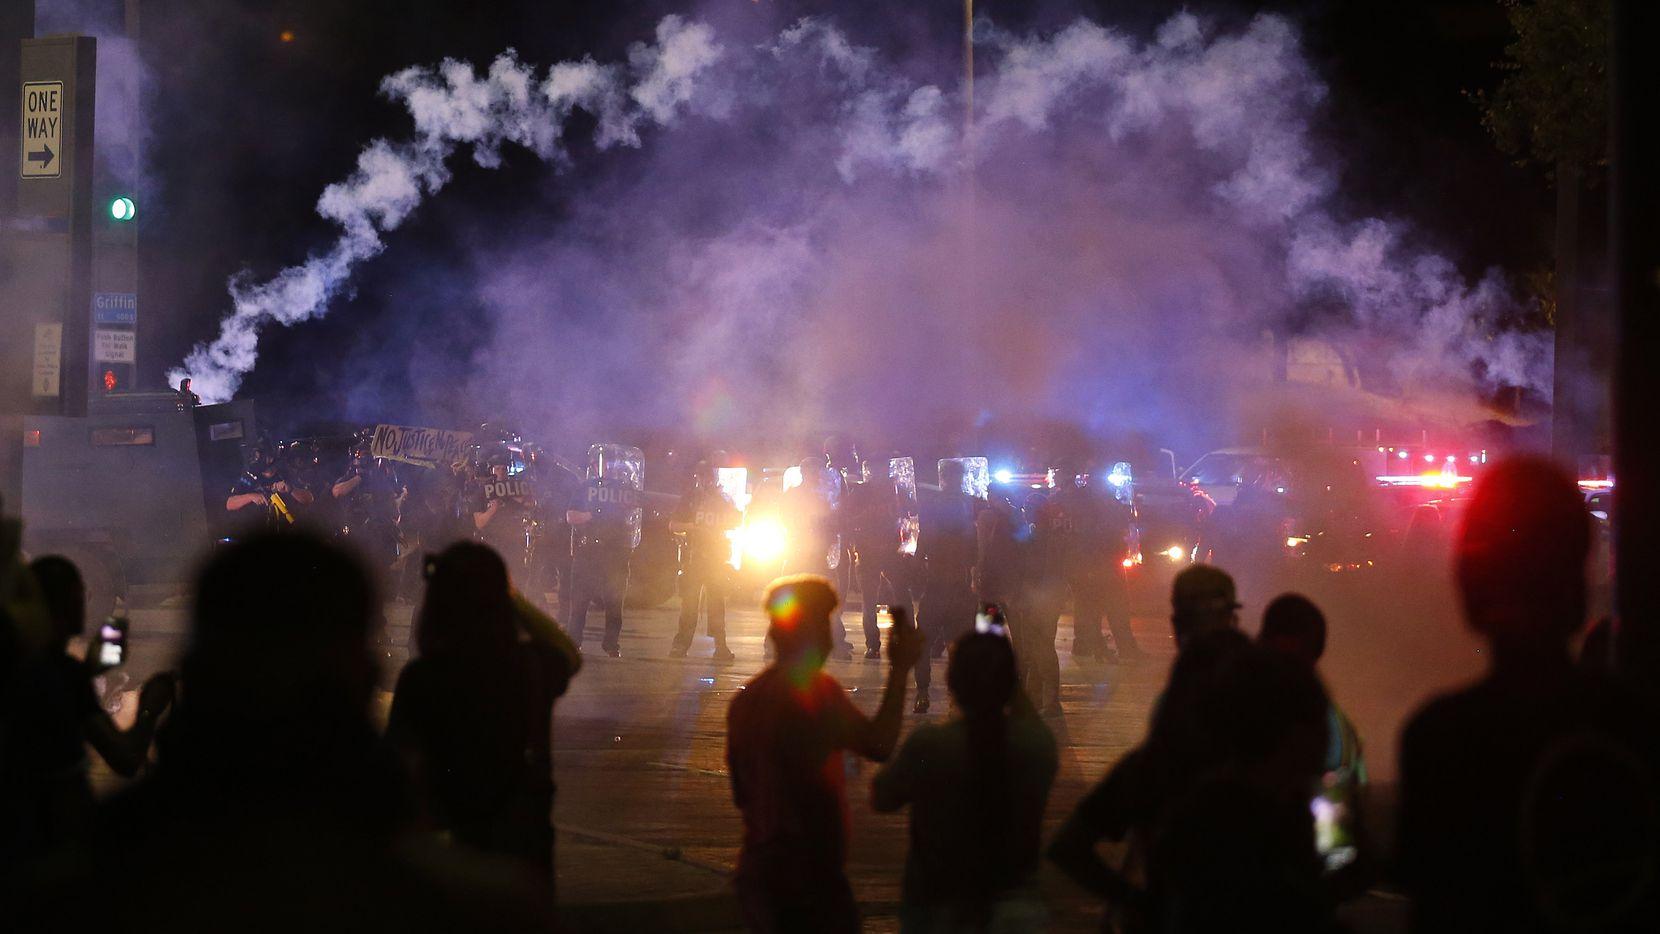 Varios depósitos de gas lacrimógeno fueron desplegados el viernes en la noche para dispersar a personas que empezaron a dañar patrullas de las Policía de Dallas, luego de una protesta pacífica.